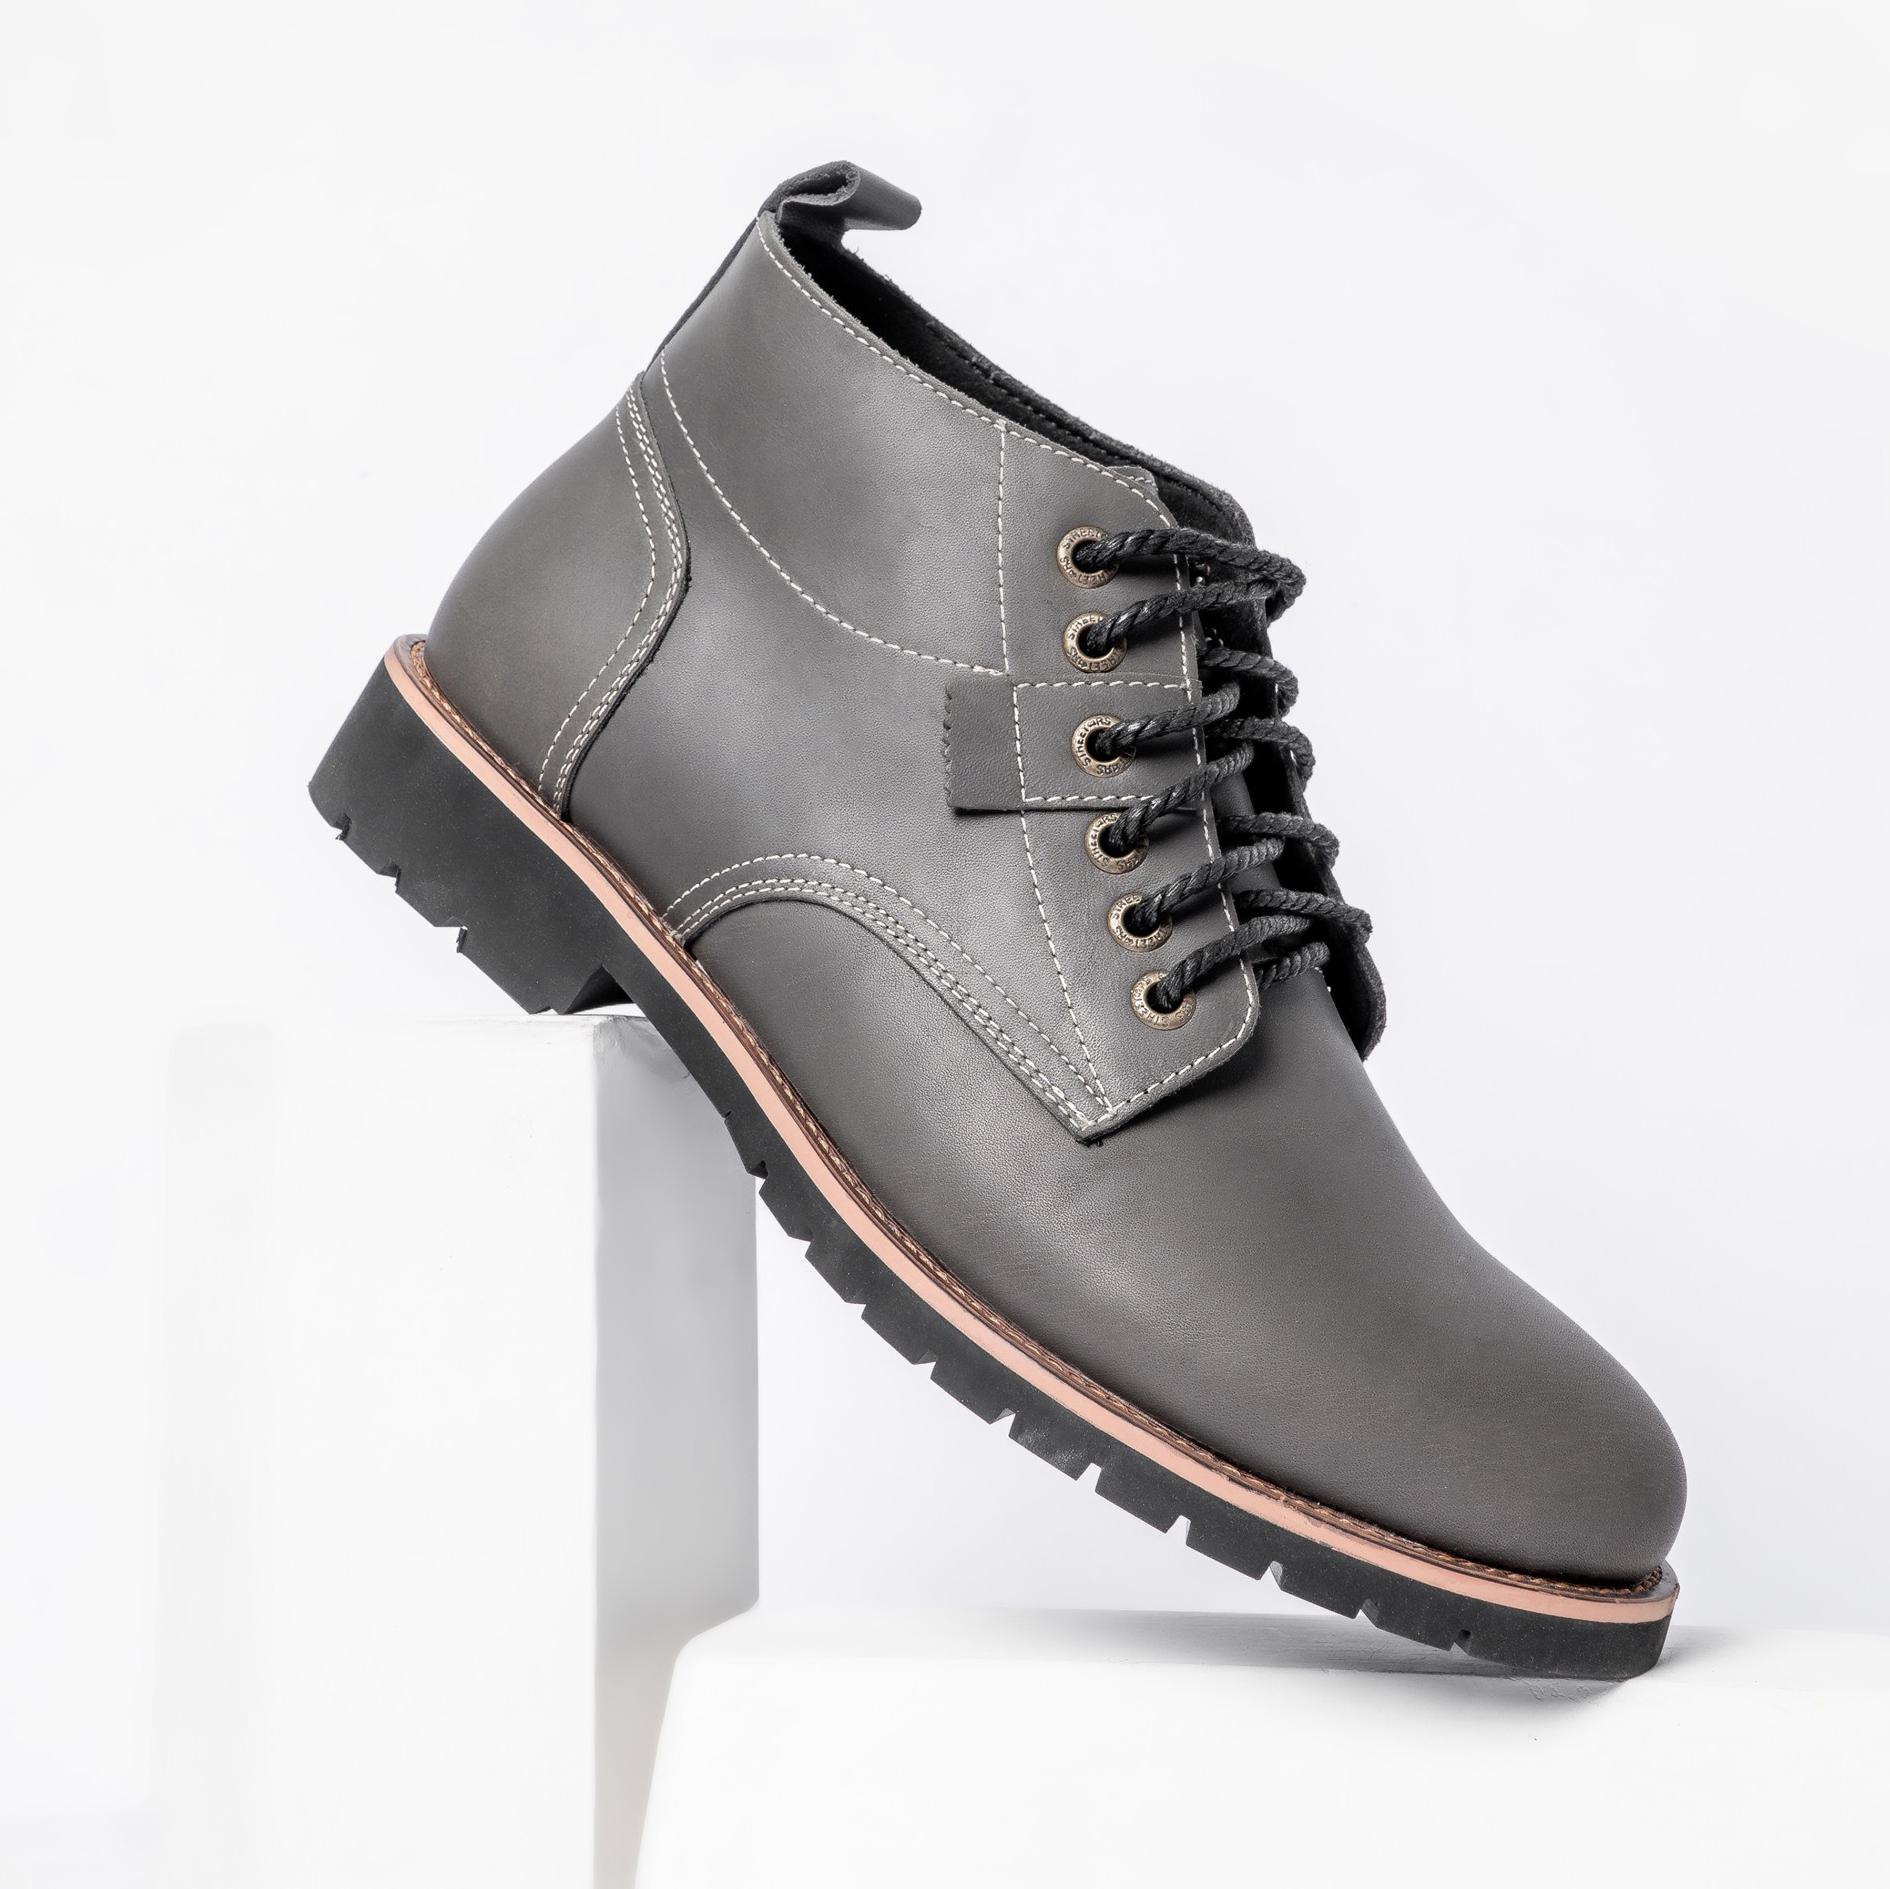 Giày Da Doctor cổ cao Giày boots nam cổ cao Da Bò Tấm Đế Cao Su Êm Cực Bền Kiểu Dáng Hot Nhất Trẻ Trung Năng Động Tăng Chiều Cao